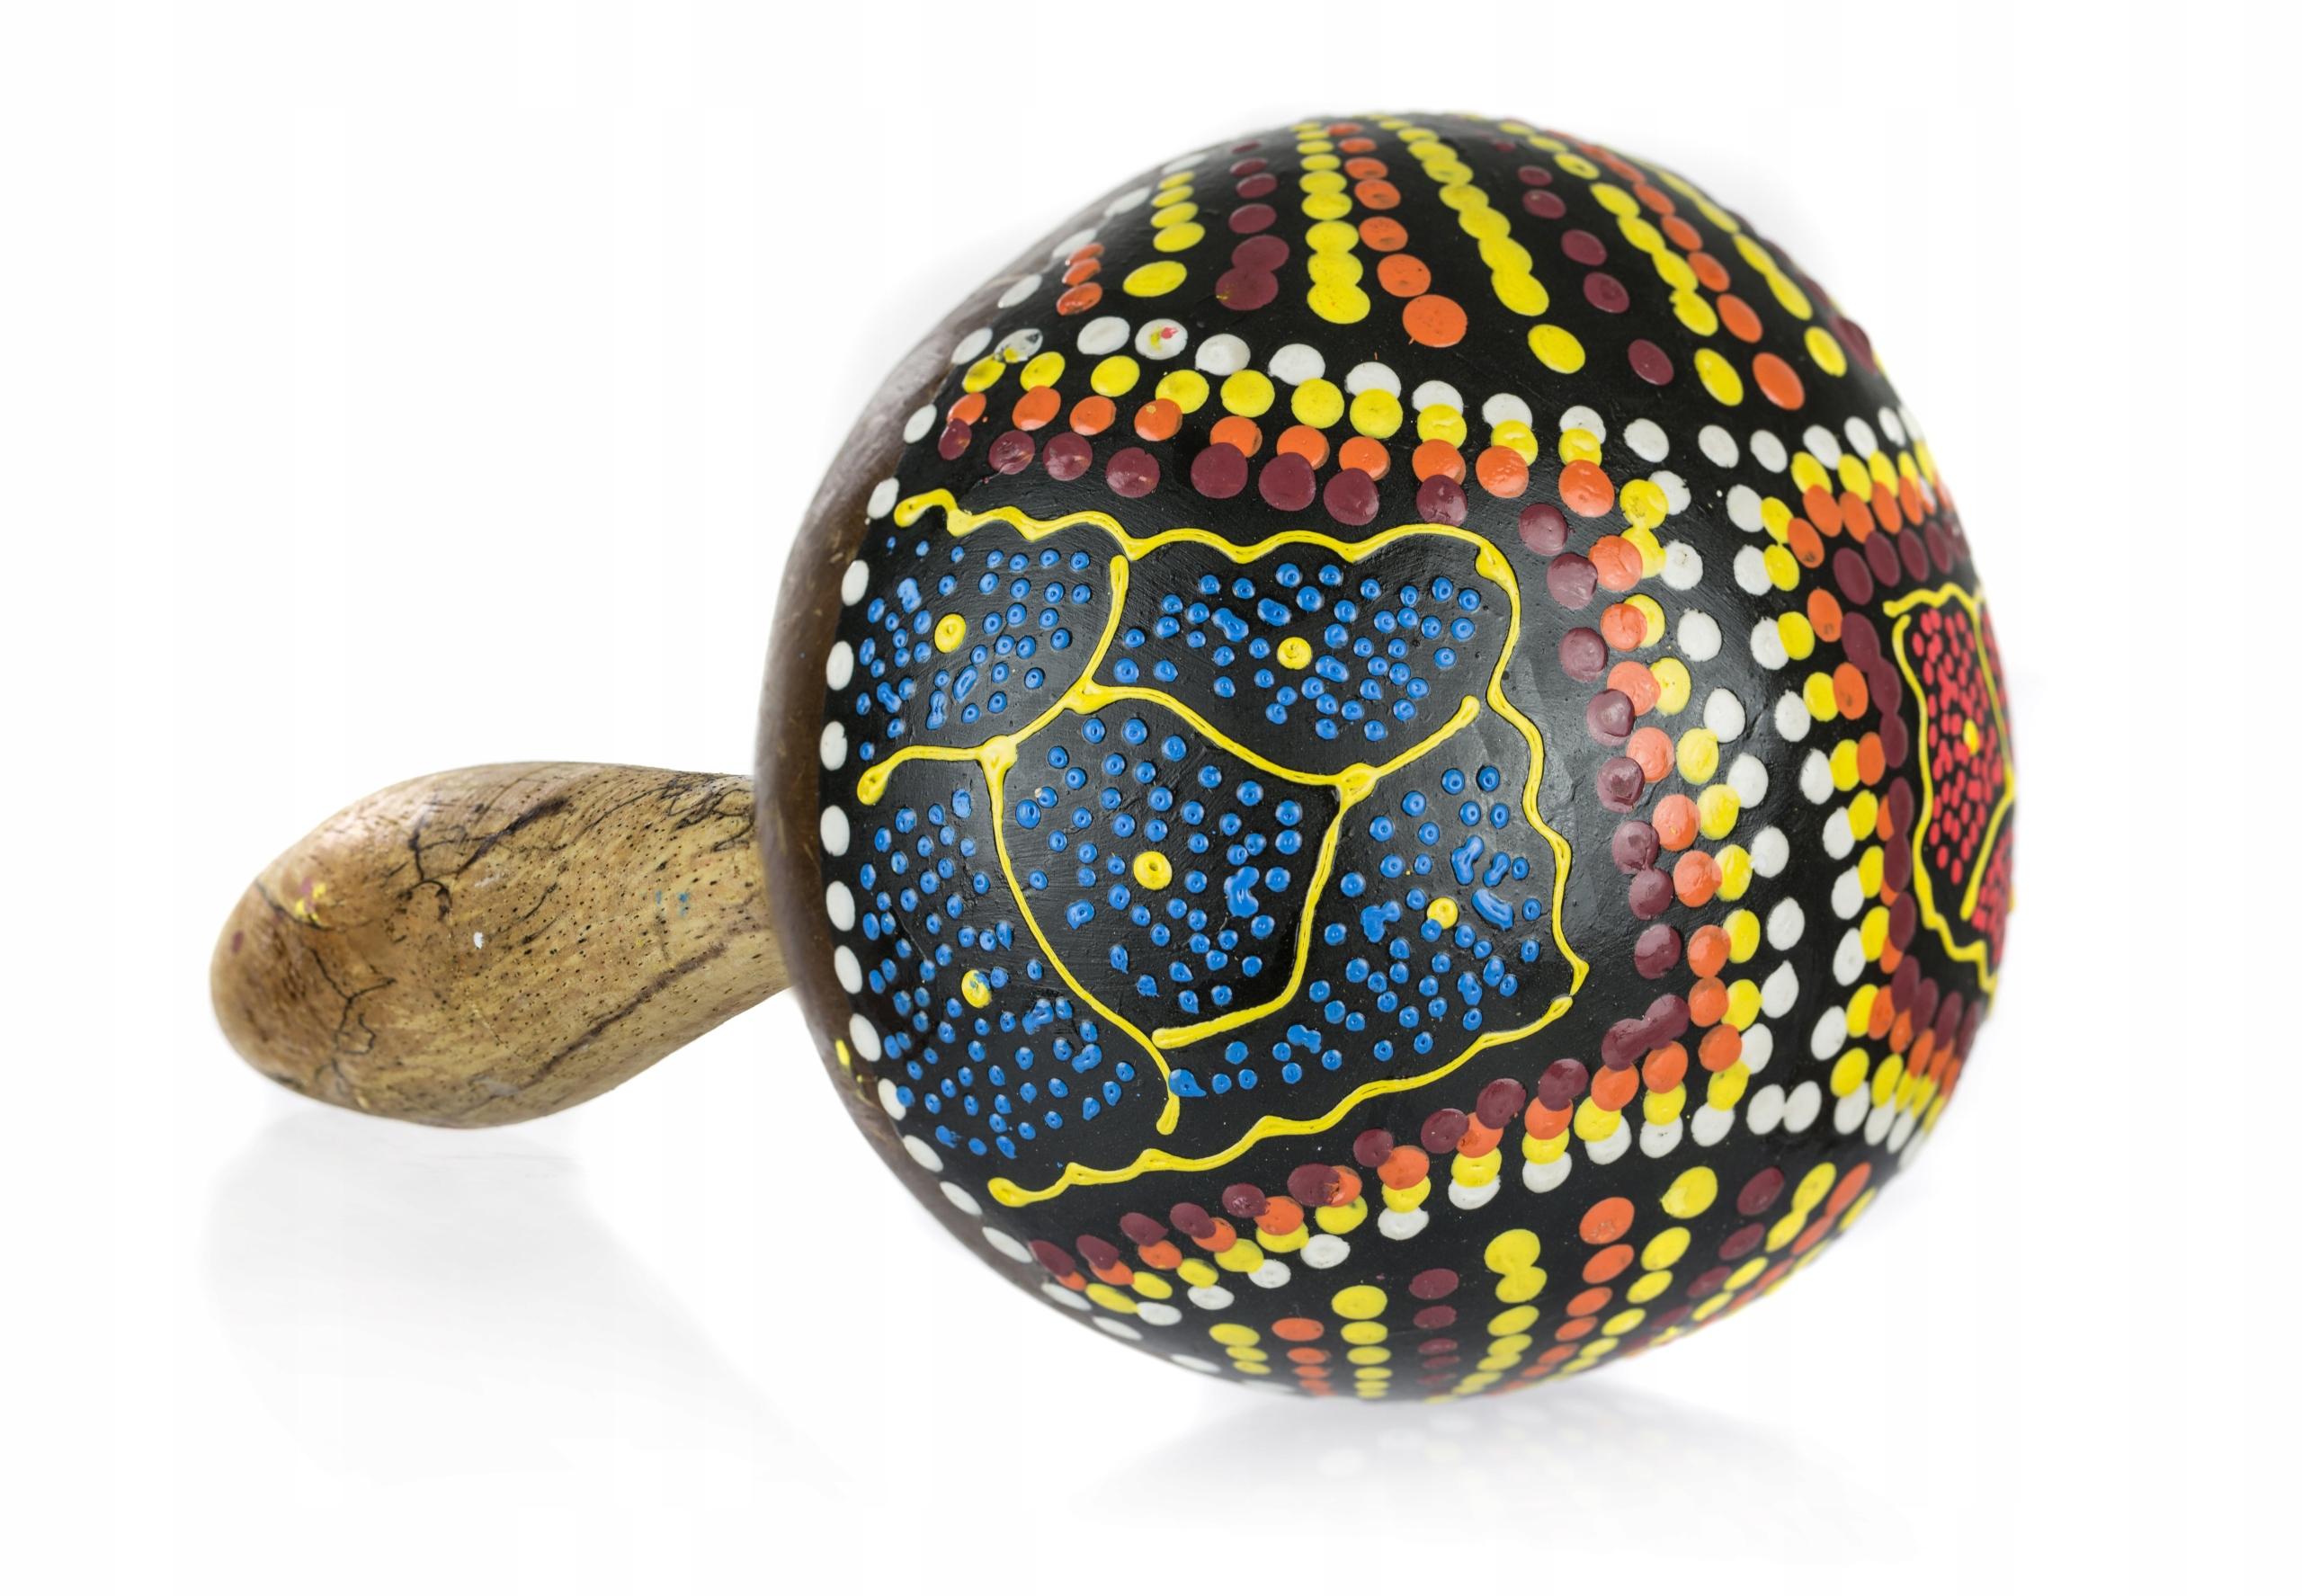 Maracas orientálny nástroj marakas rachot